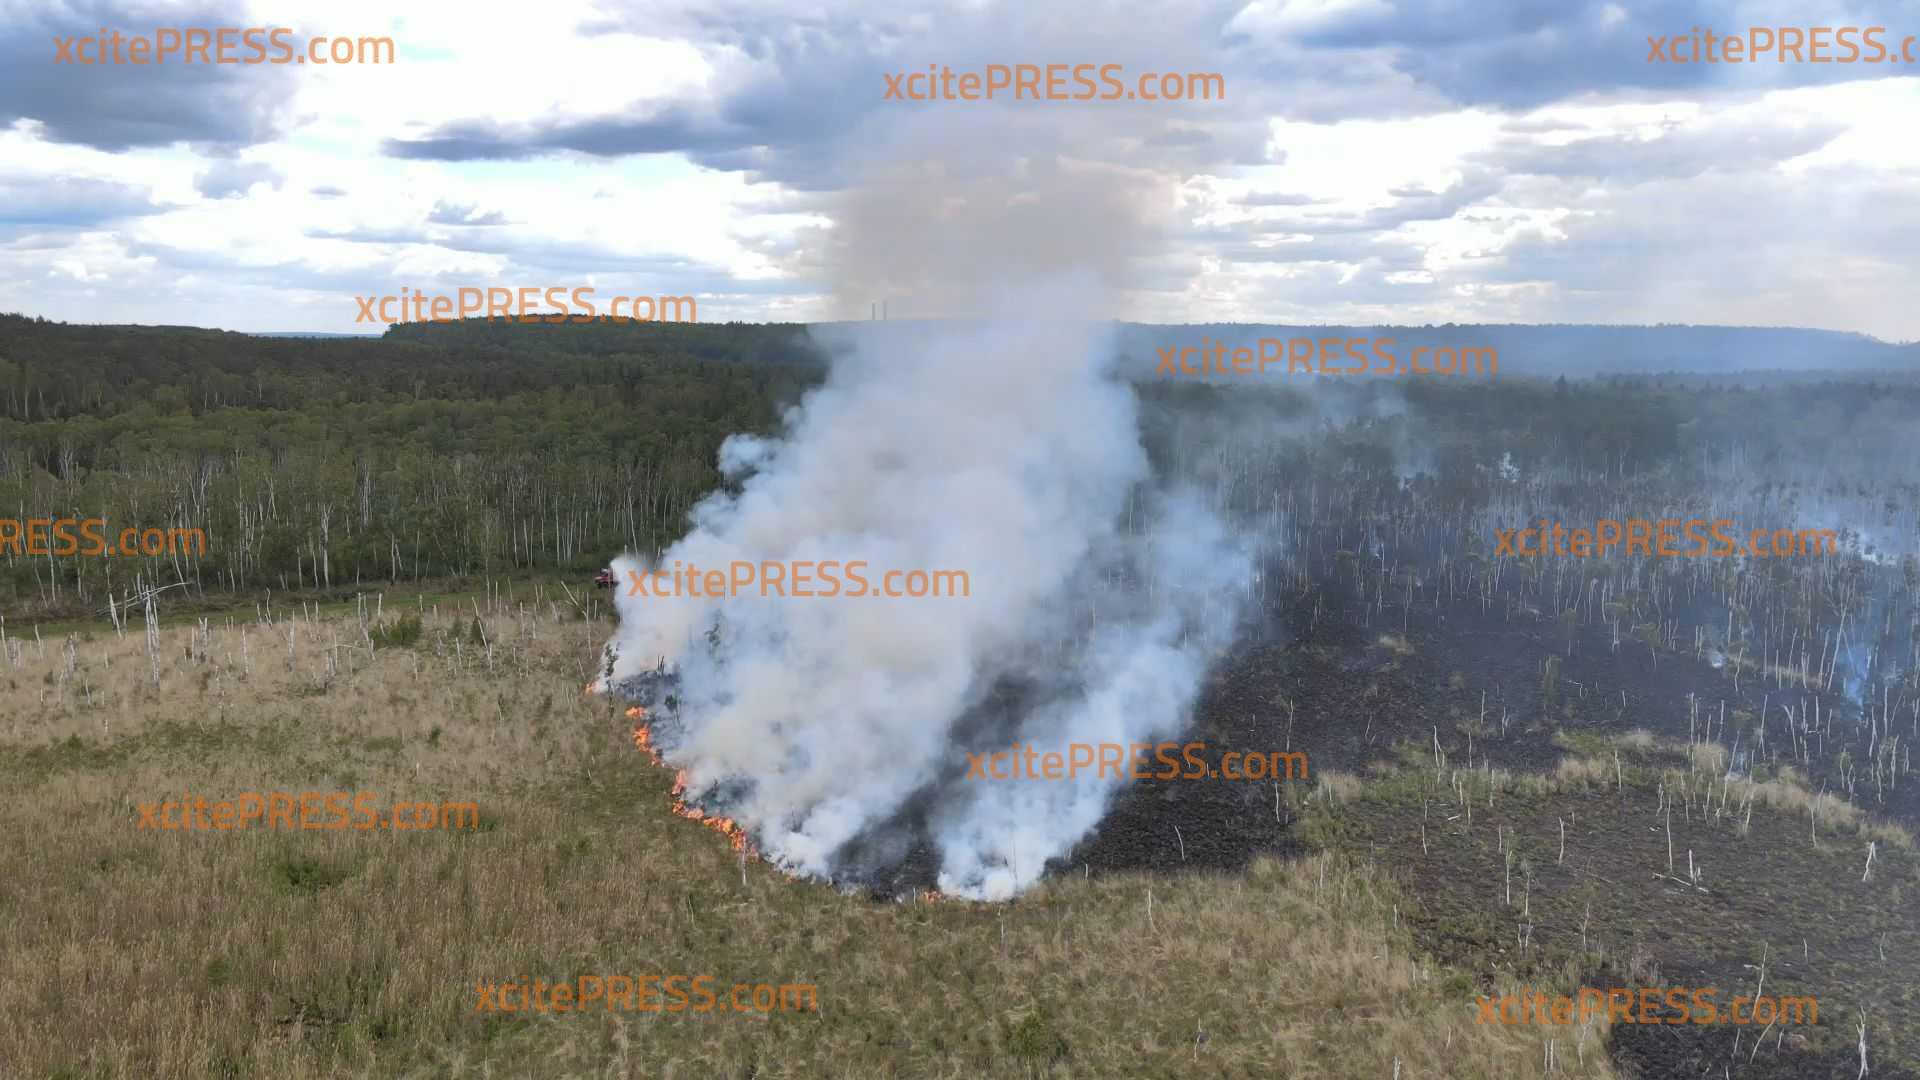 Großschadenslage ausgerufen - 100 Hektar Moorgebiet und Schilfgürtel in Brand : Feuerwehr im Großeinsatz - Drohnenbilder zeigen Ausßmaß